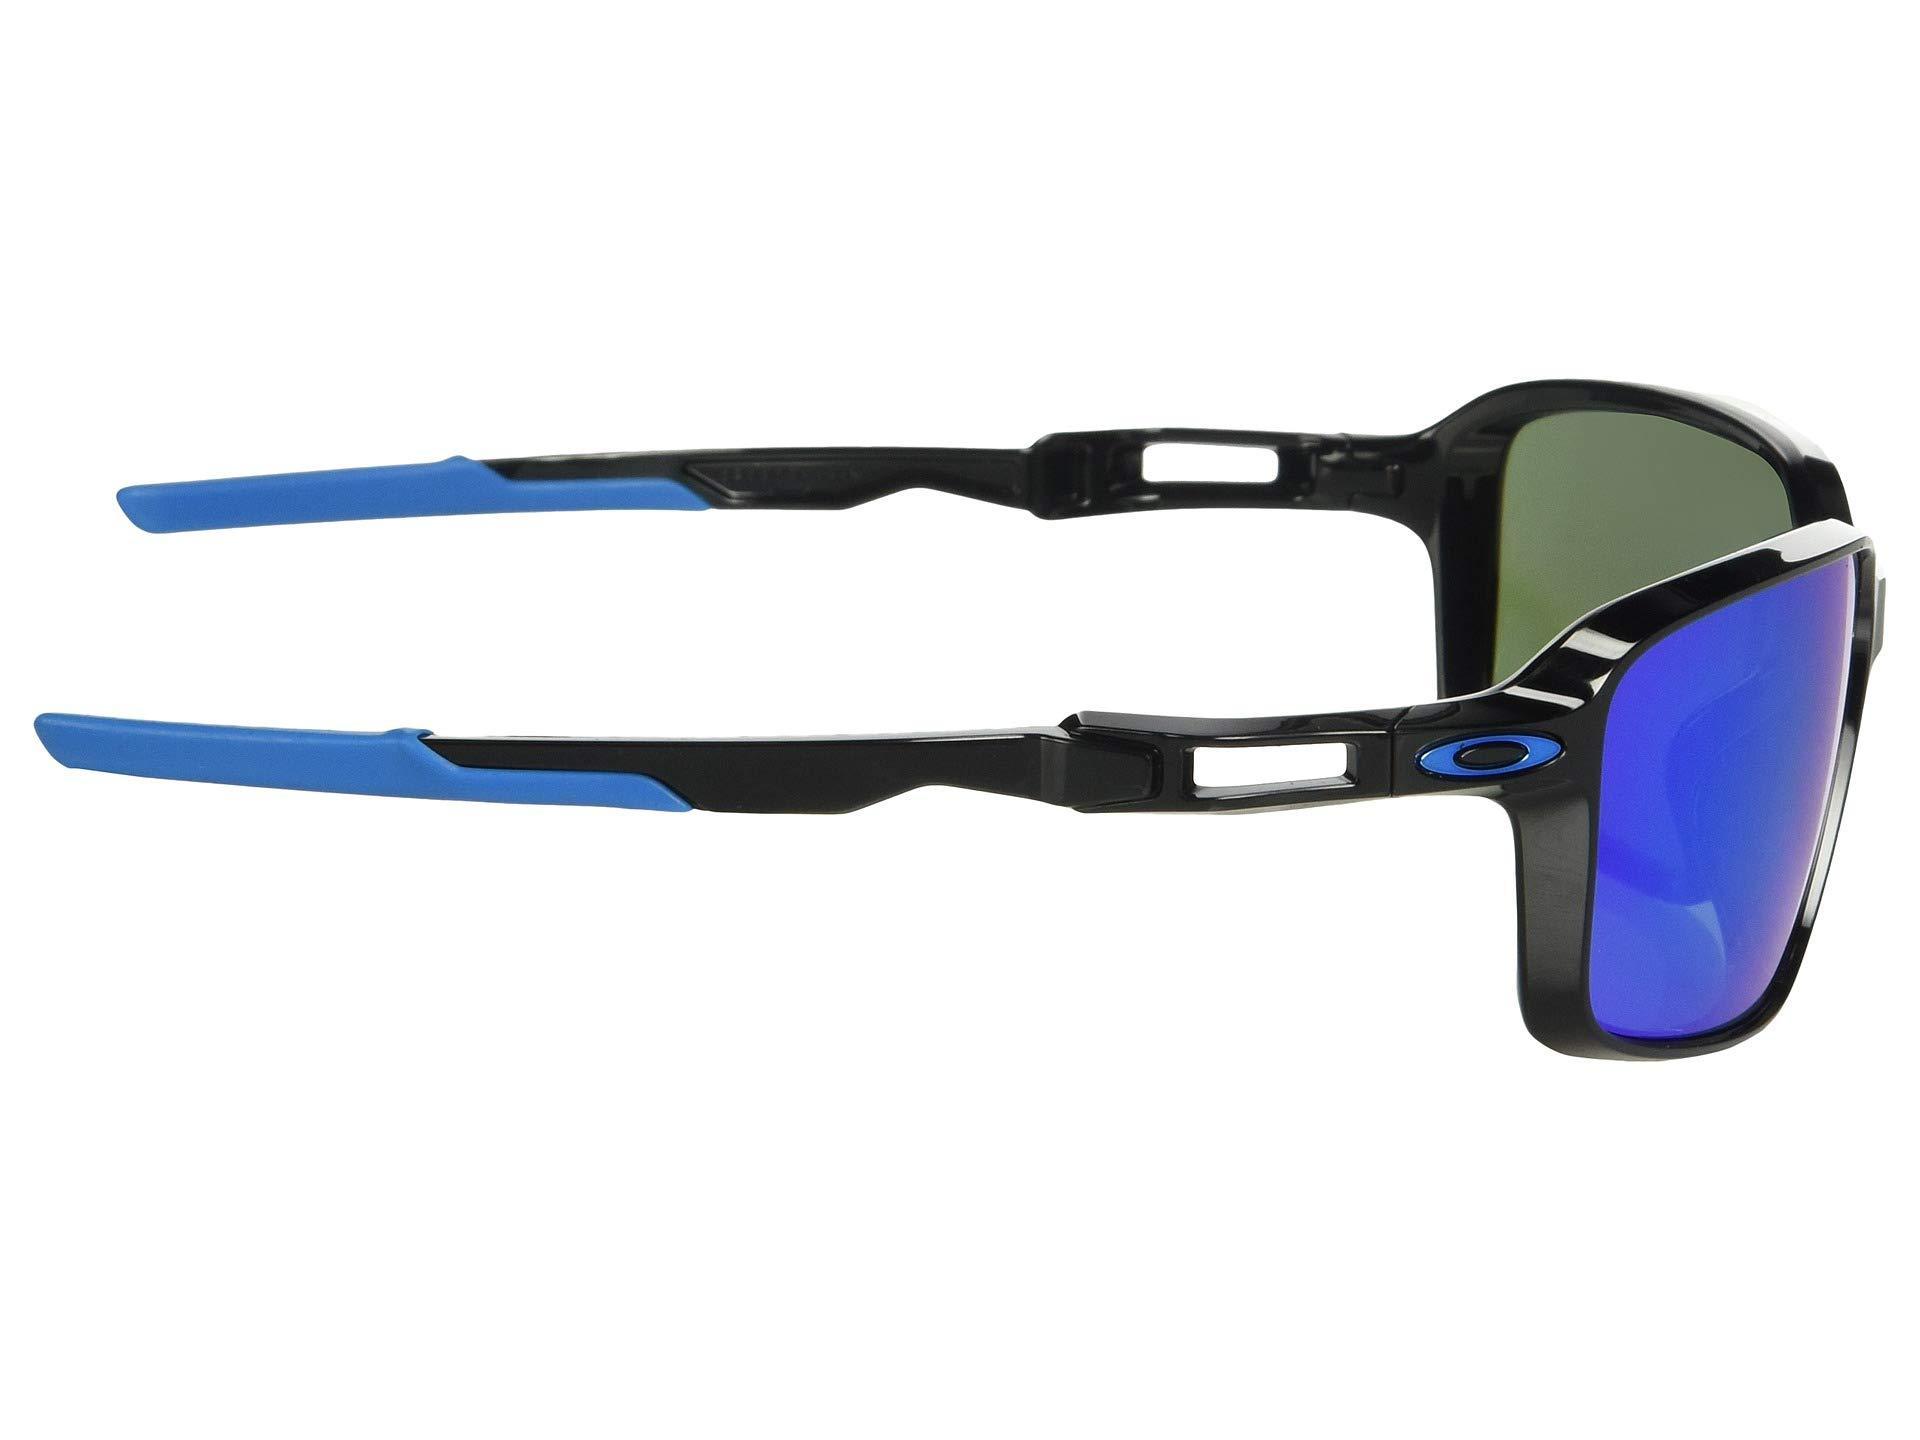 5e7f5bfb35a Oakley - Siphon (scenic Grey prizm Black Polarized) Sport Sunglasses for  Men -. View fullscreen